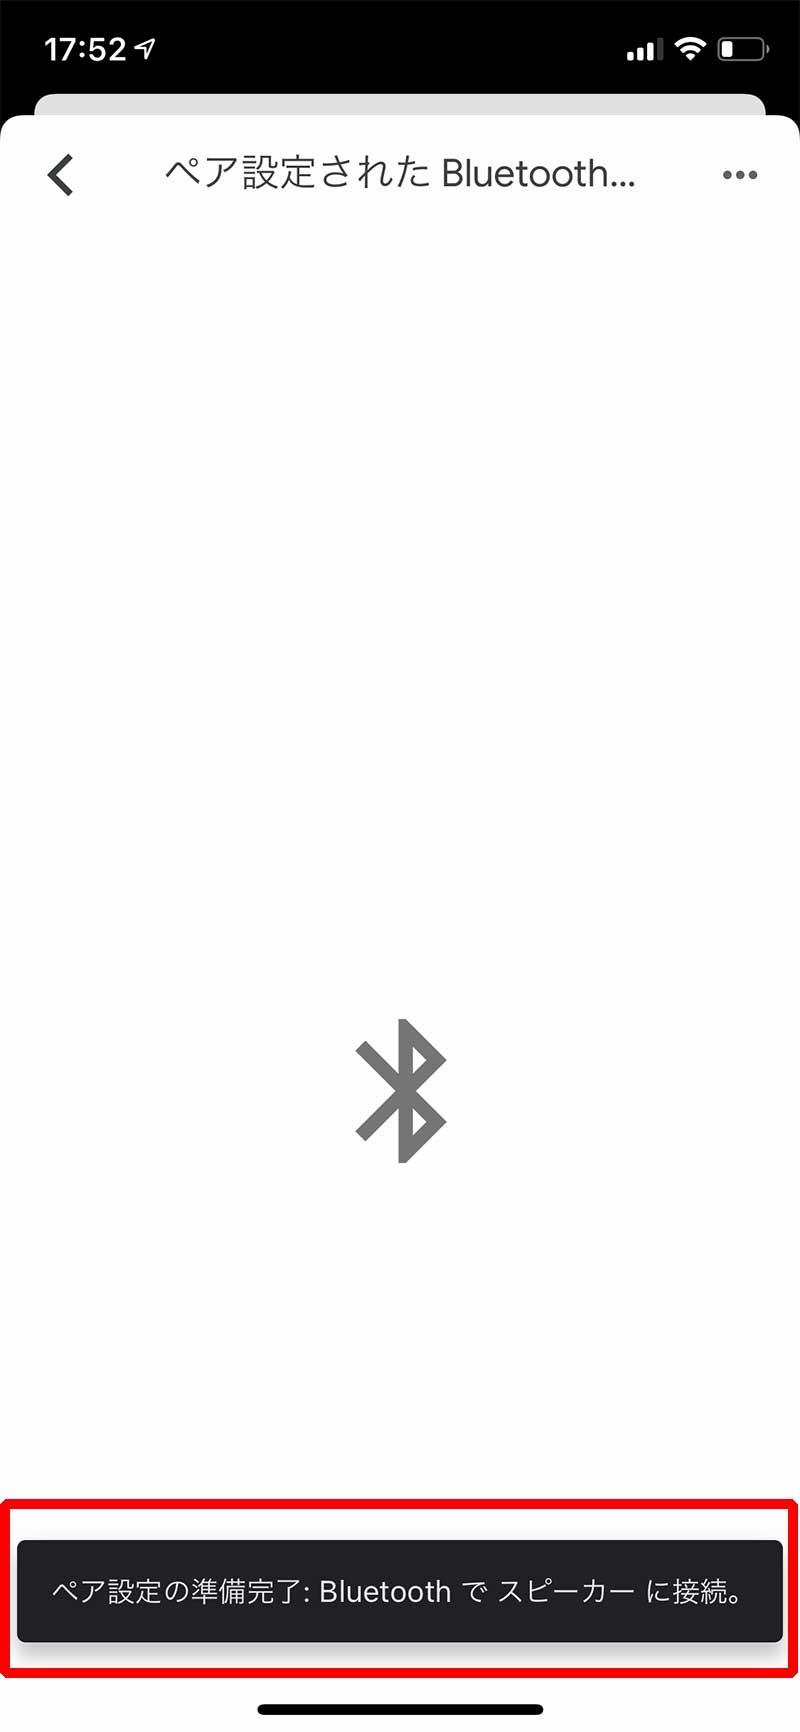 「ペア設定の準備完了: Bluetooth でスピーカーに接続」と表示が出る